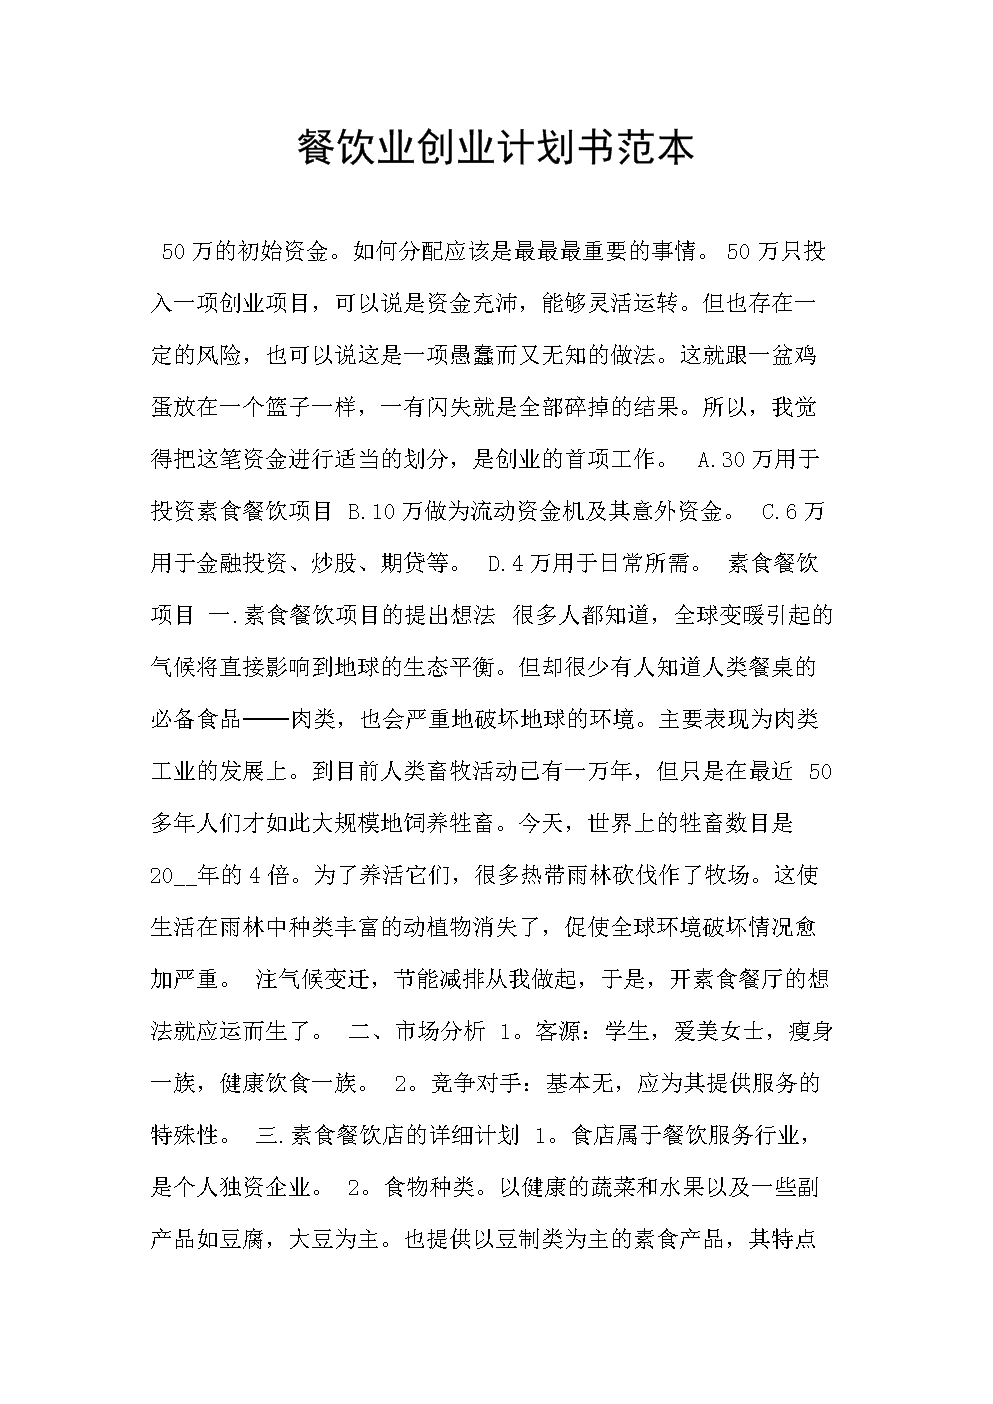 餐饮业创业计划书范本.doc